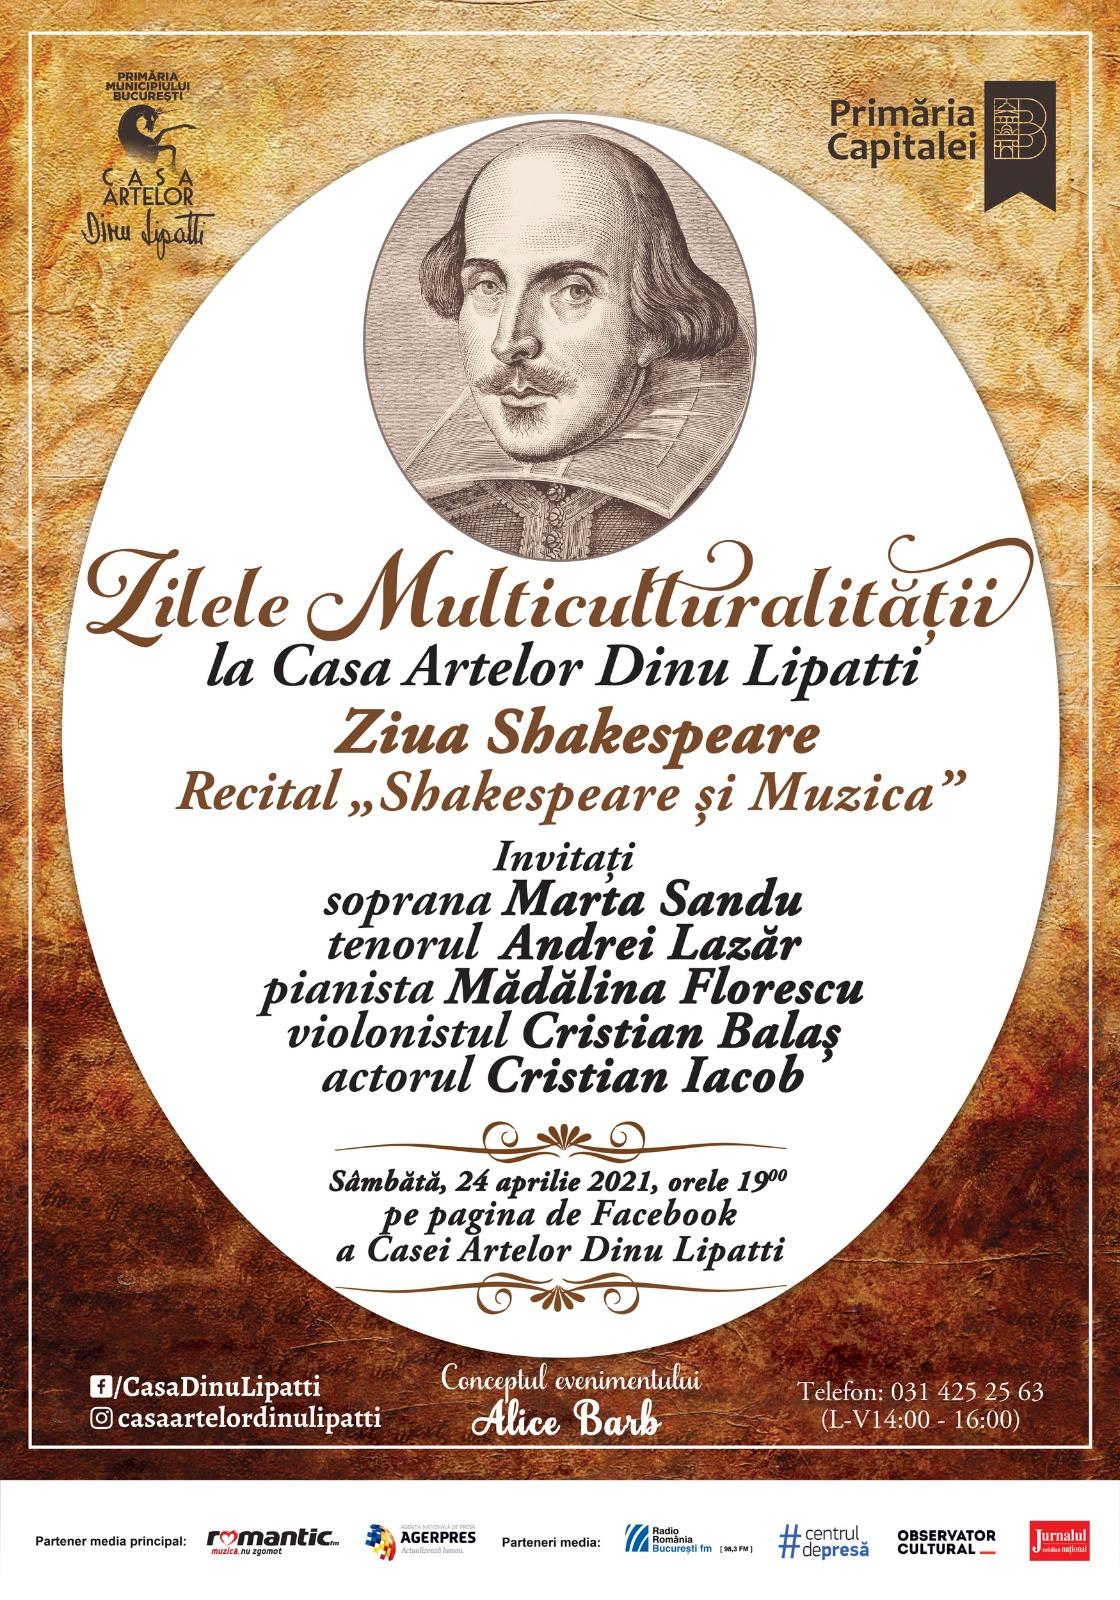 """Programul Zilele Multiculturalității la Casa Artelor Dinu Lipatti. Ziua Shakespeare - Recital """"Shakespeare și Muzica"""" Online, pe pagina de Facebook"""